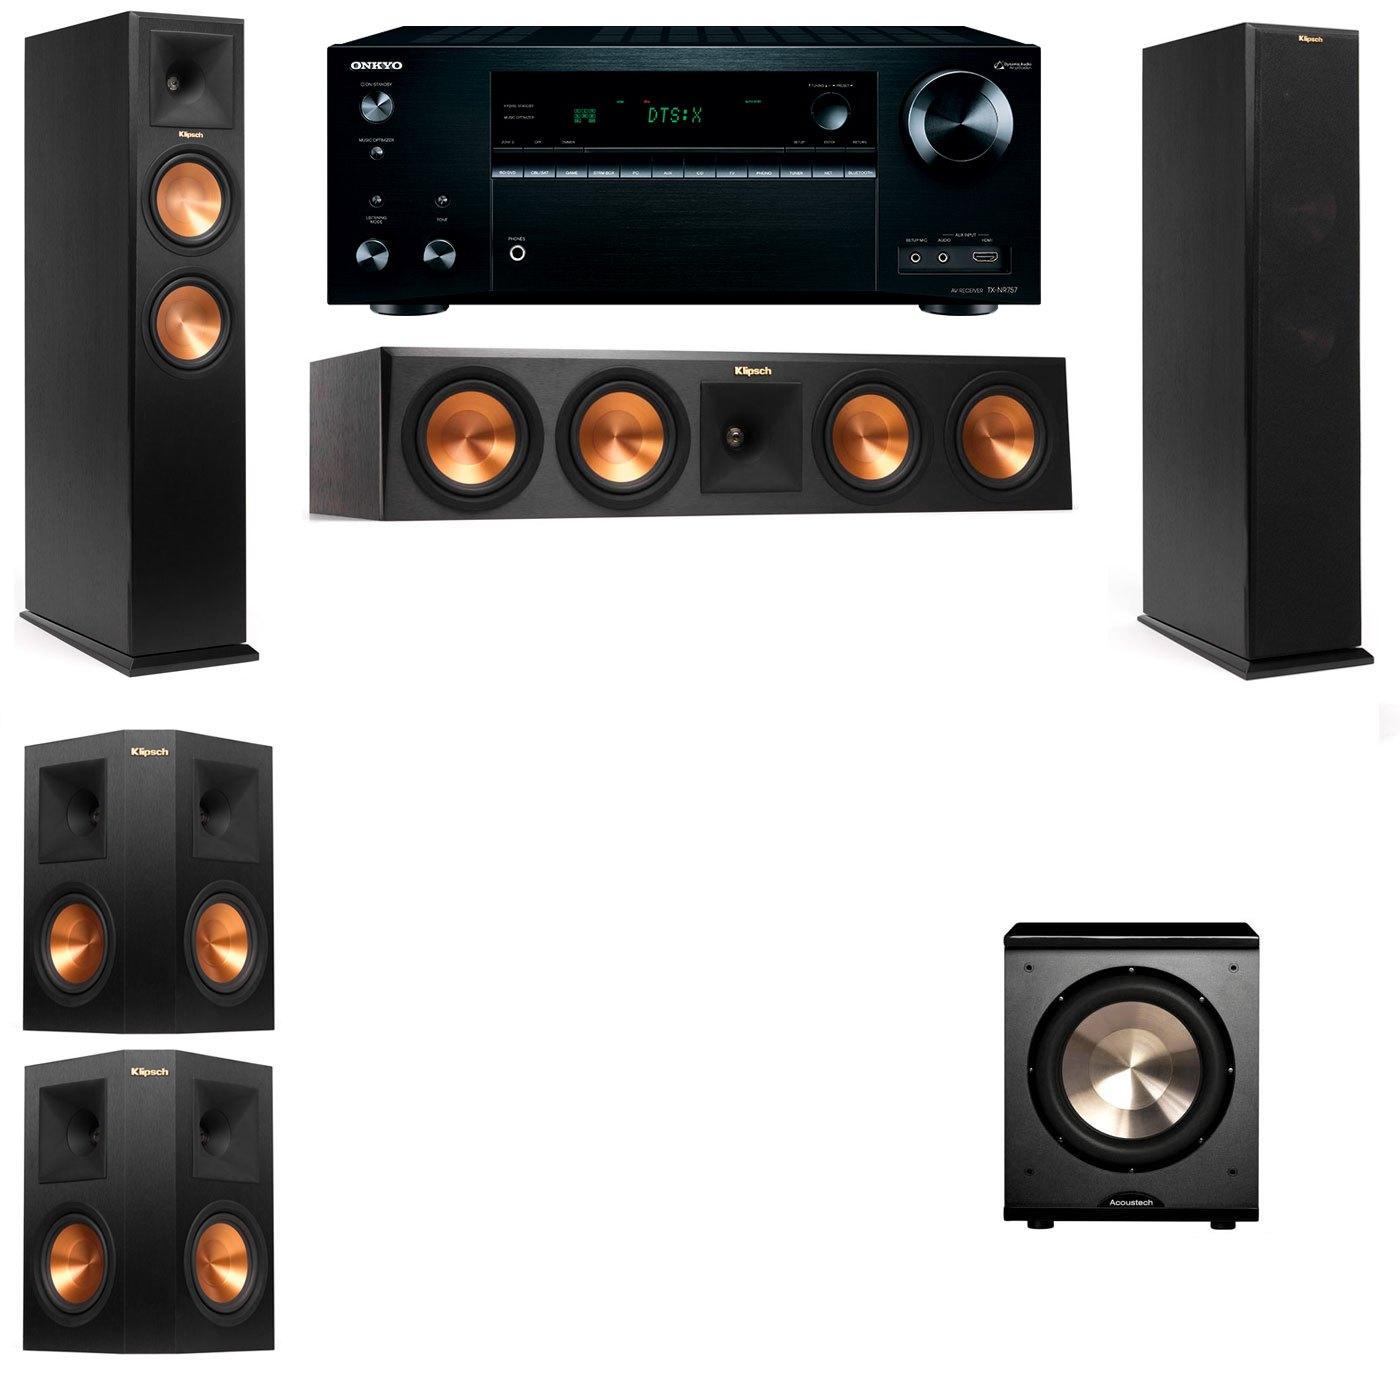 Klipsch RP-250F Tower Speakers-PL-200-5.1-Onkyo TX-NR757